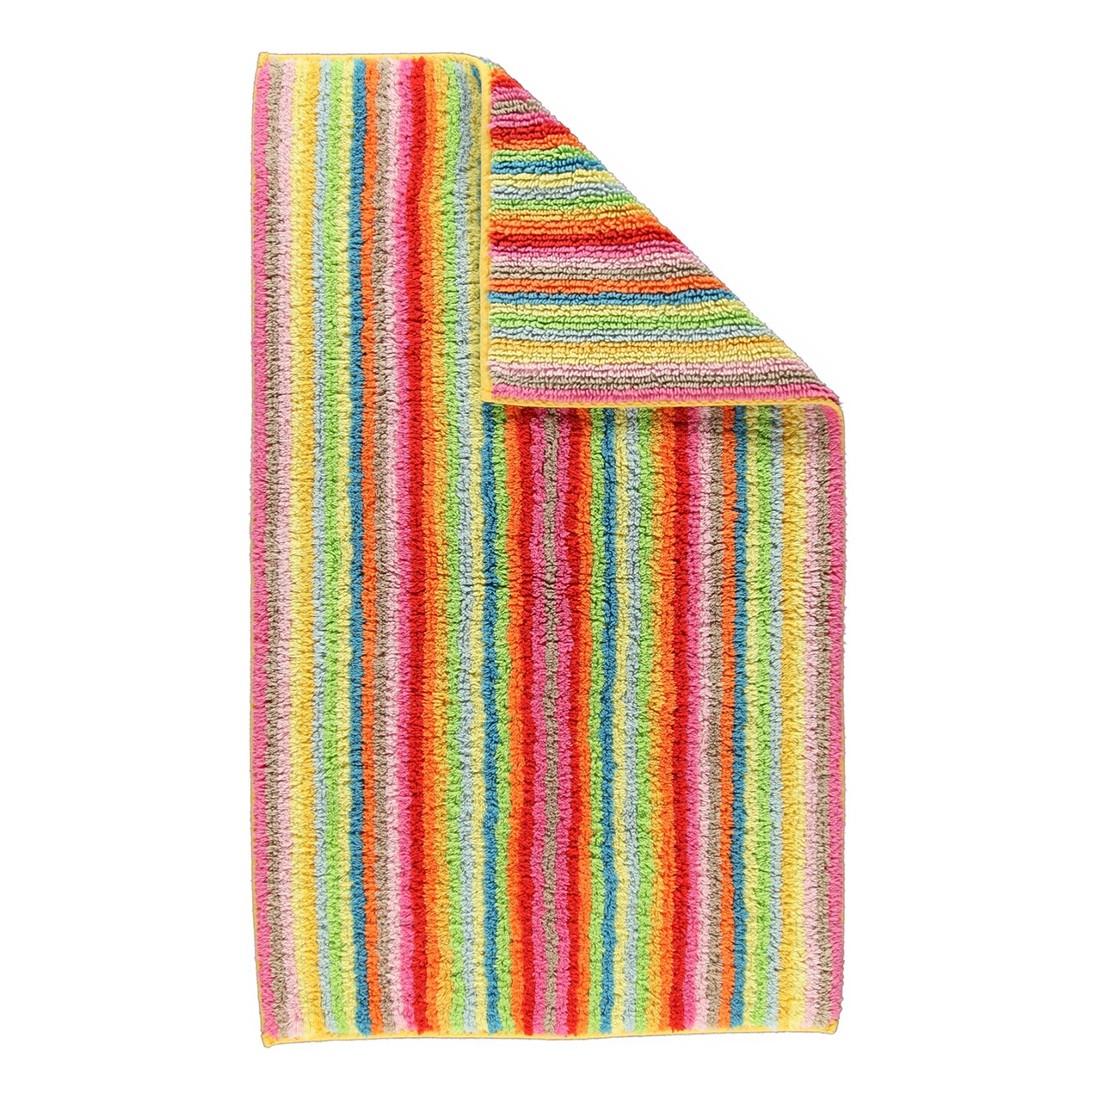 Badteppich Life Style – 100% Baumwolle multicolor – 25 – 60 x 60 cm, Cawö günstig bestellen